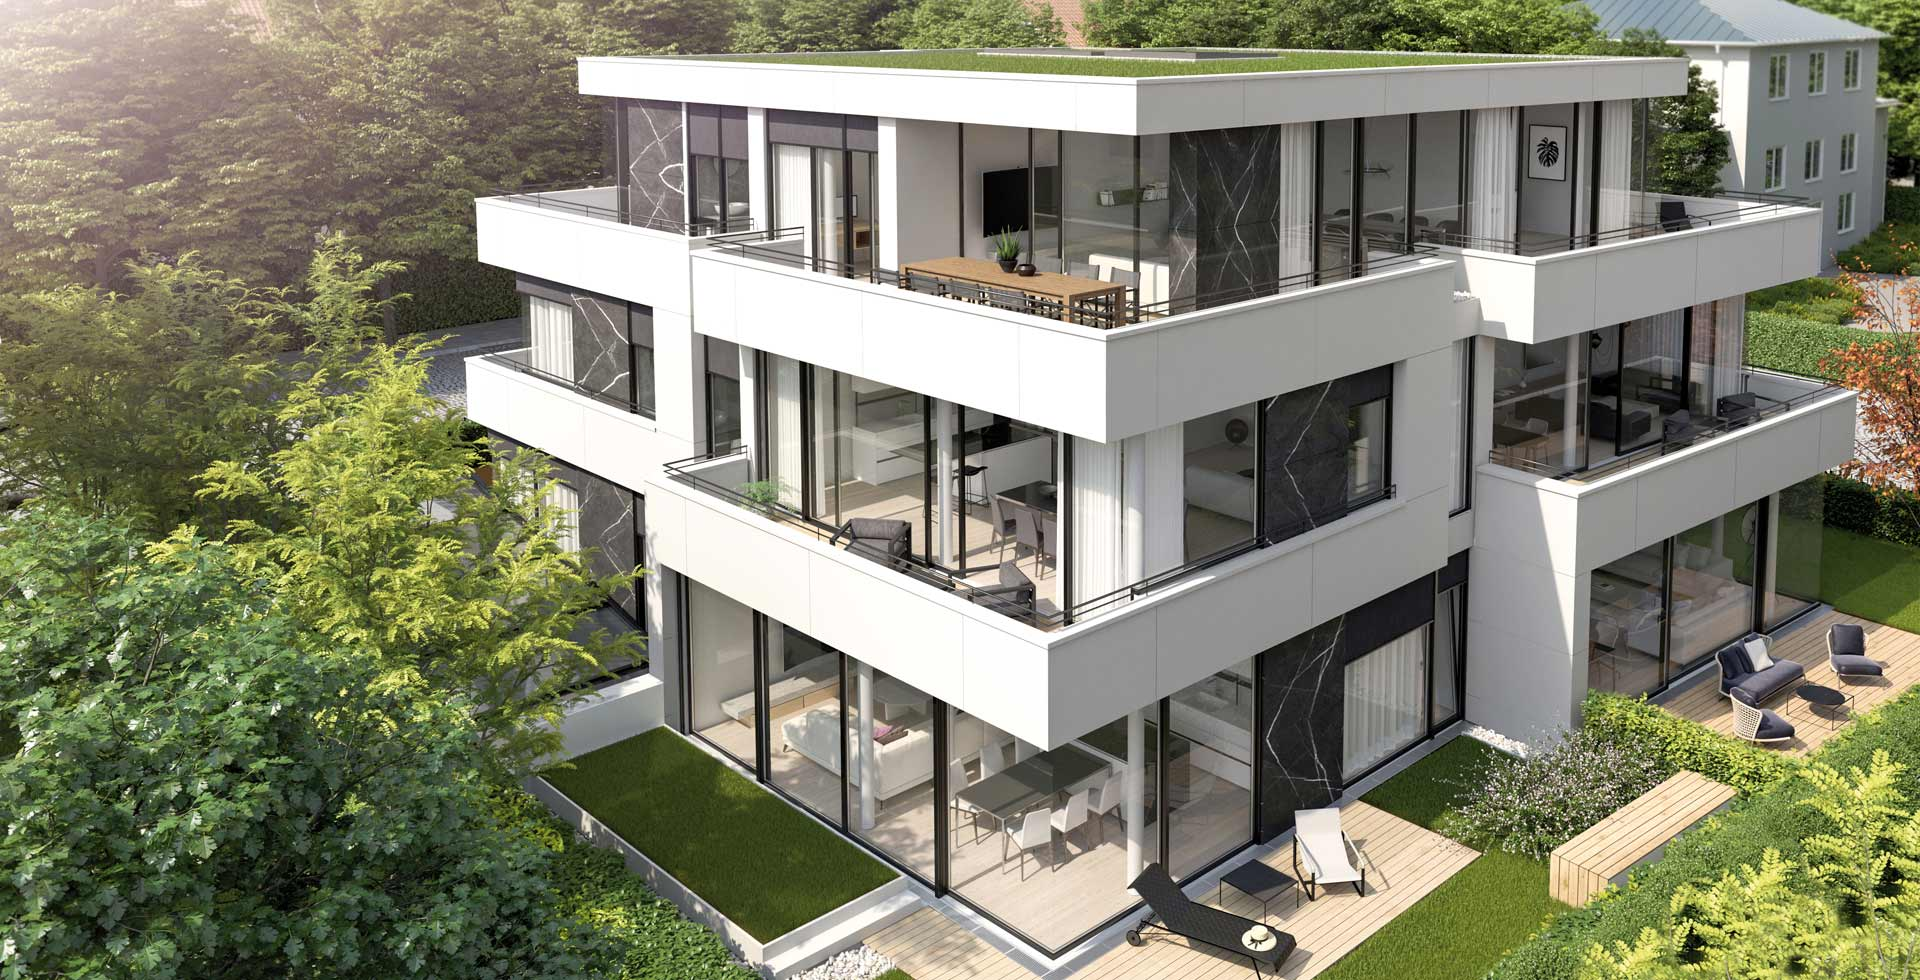 LHOMES_Neubauimmobilie_Flemingstr-München-Architektur-1-Aussenansicht